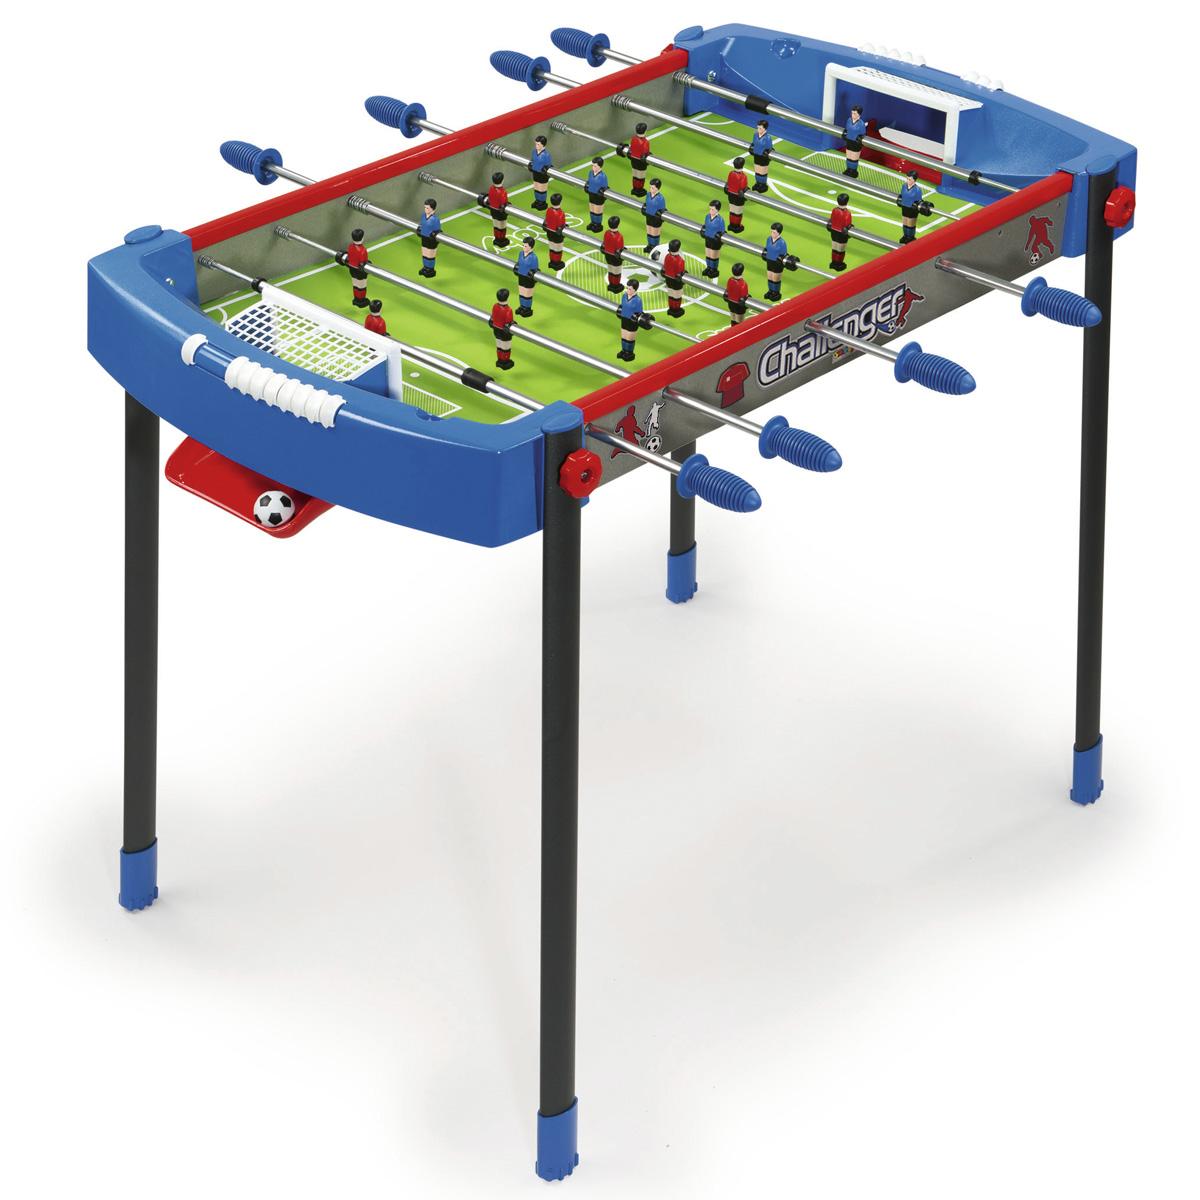 Футбольный стол Challenger raquo из спортивной серии Masters - размеры 106х69х74 см (длина, ширина, высота). Предназначен для детей от 6-и лет. Изготовлен из упрочнённого пластика и металла. В комплекте 2 пластиковых мяча.